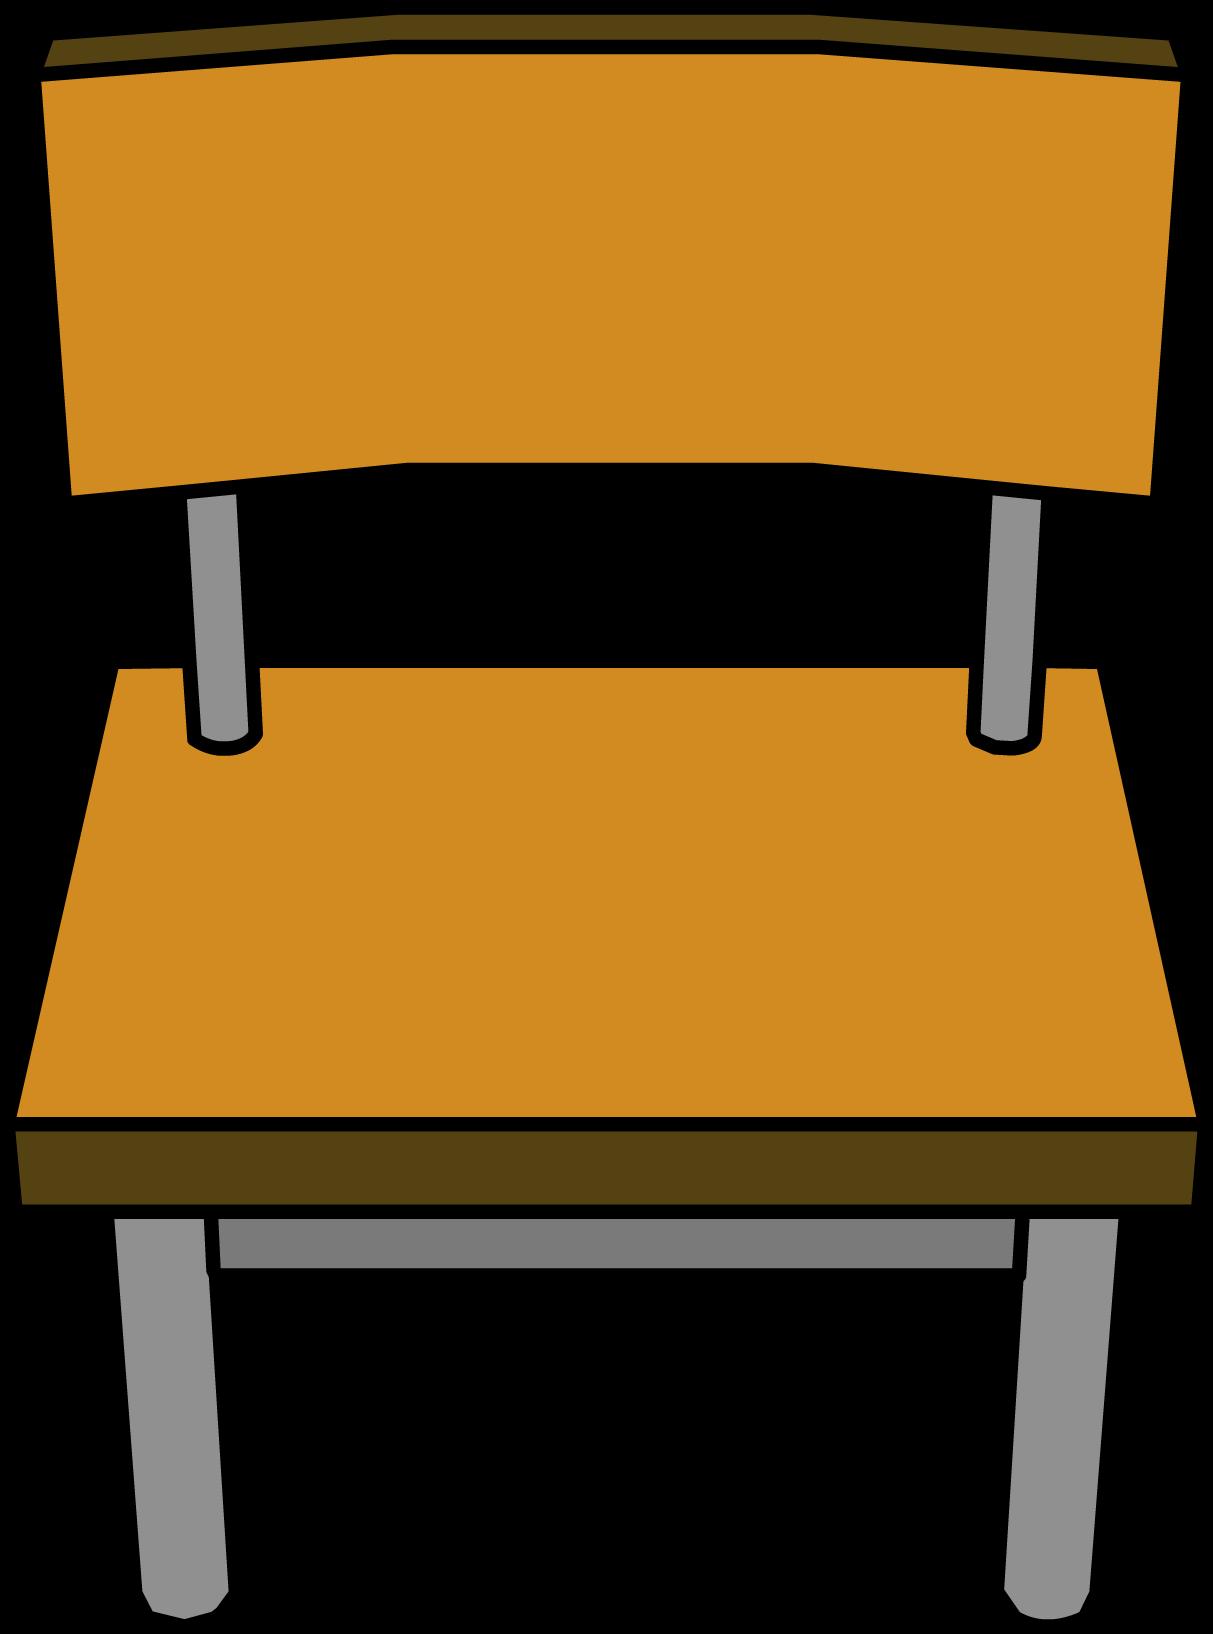 classroom chair club penguin wiki fandom powered by wikia rh clubpenguin wikia com